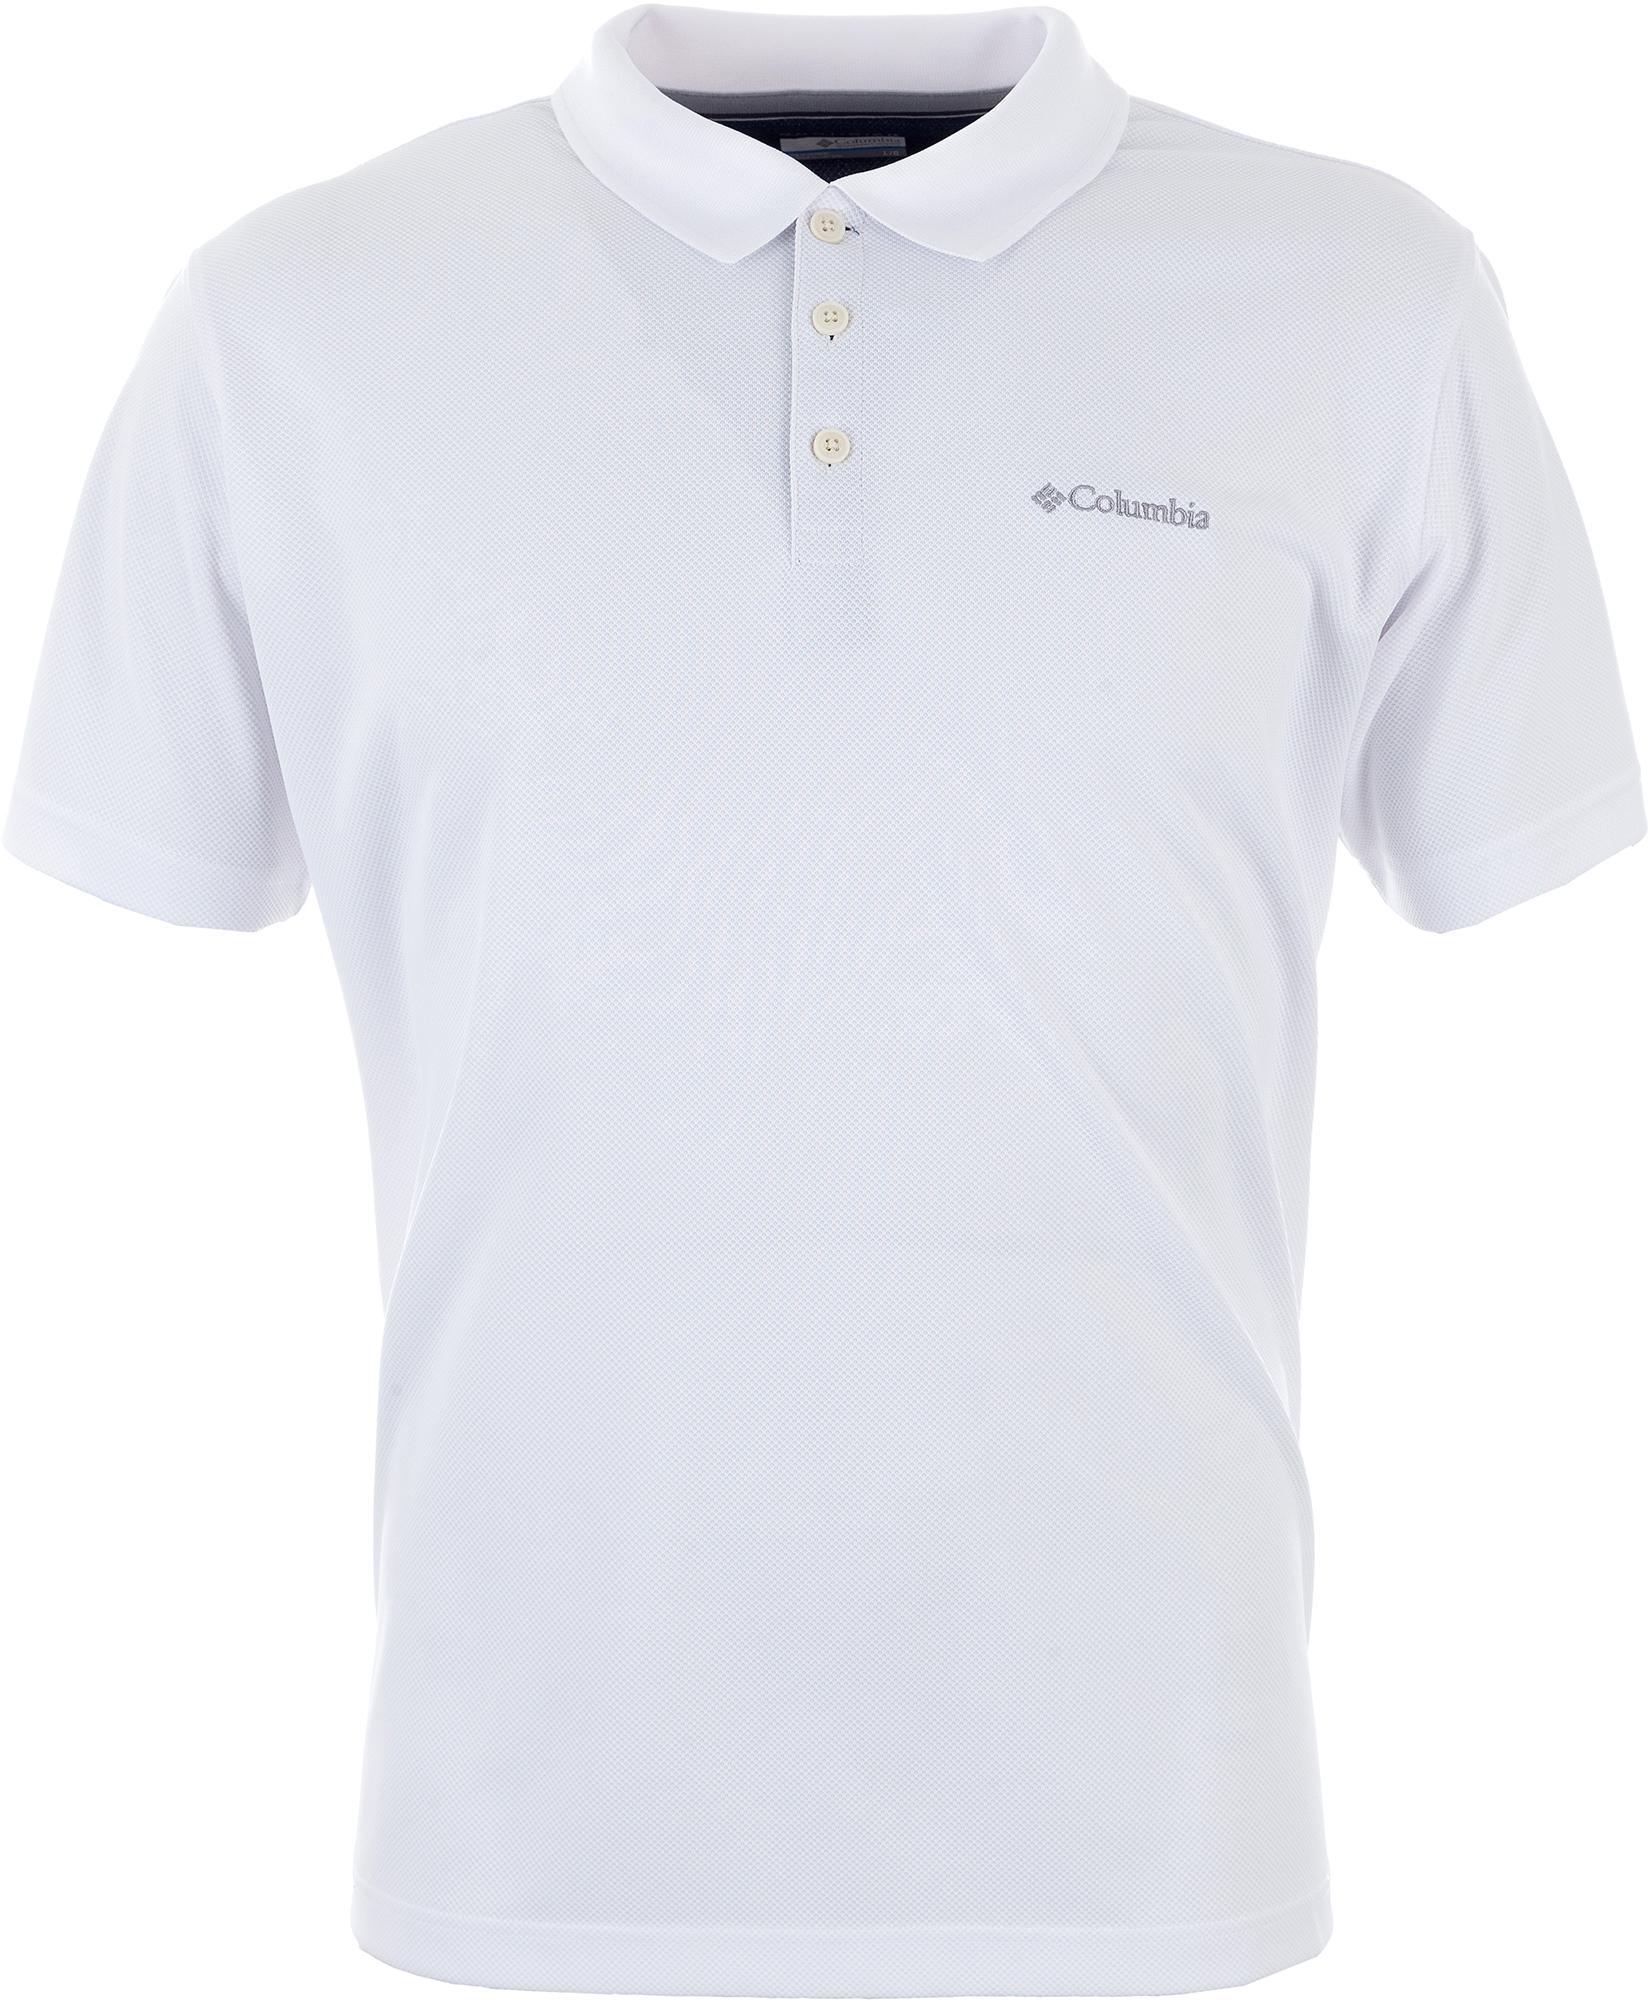 Columbia Поло мужское Columbia Utilizer футболка поло columbia